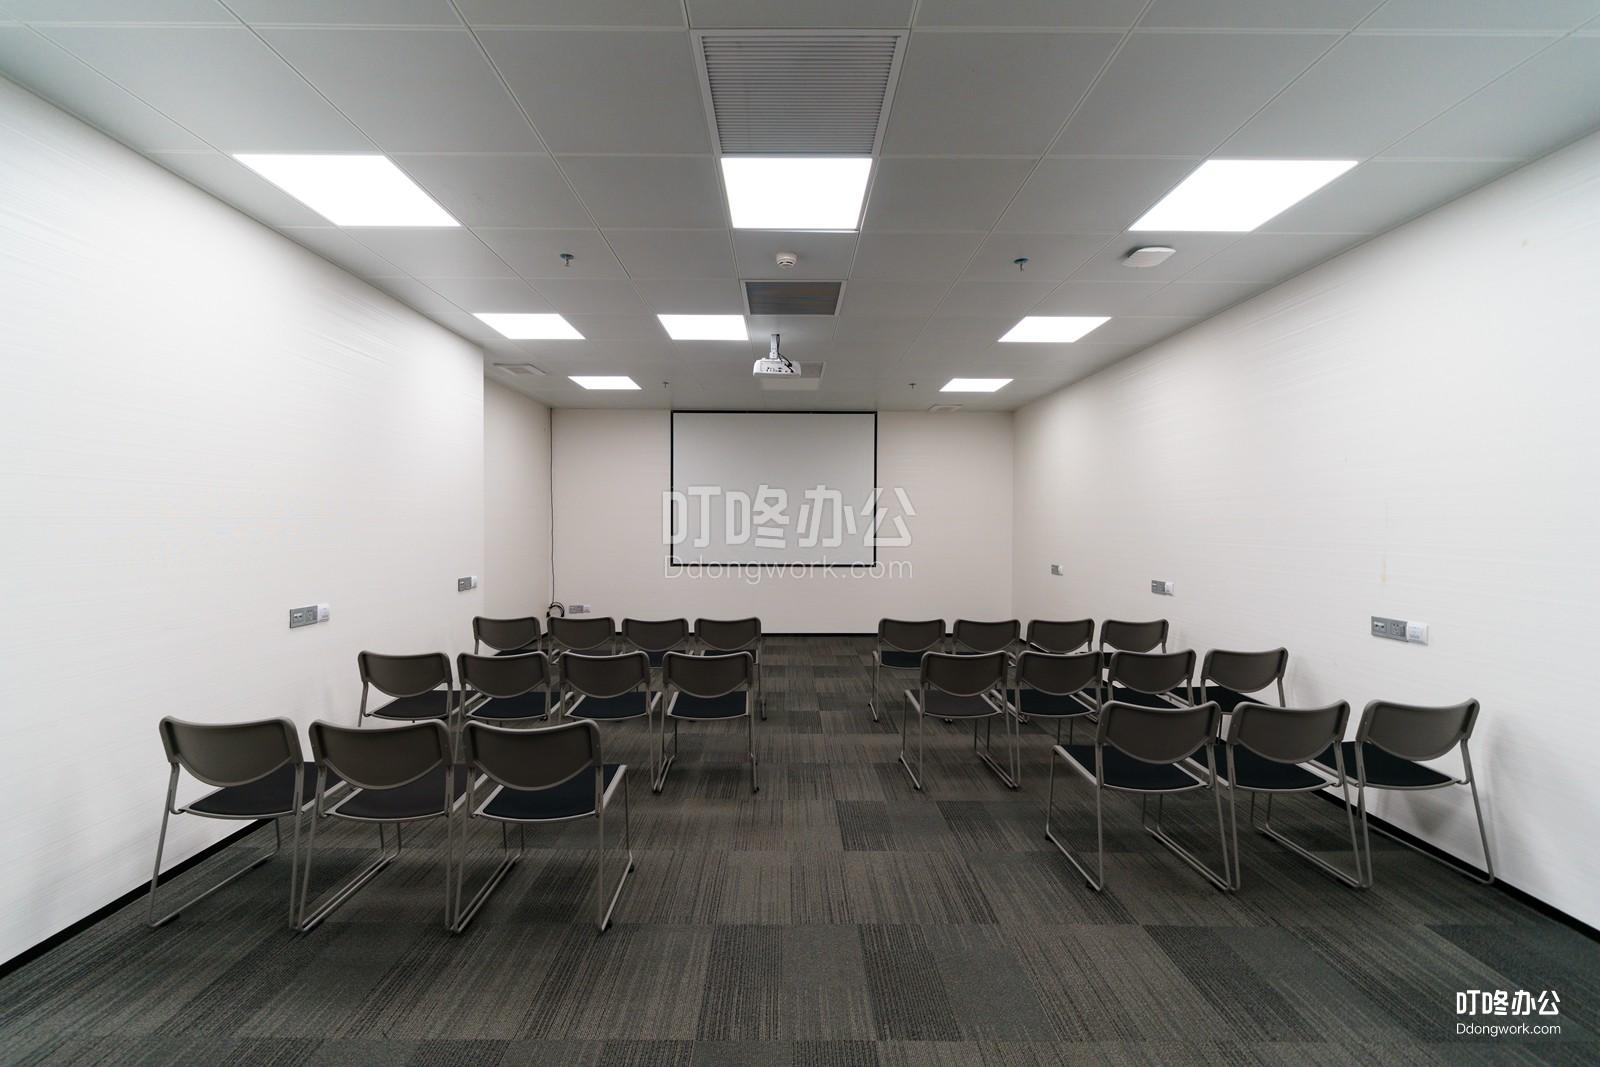 尚创峰会议室